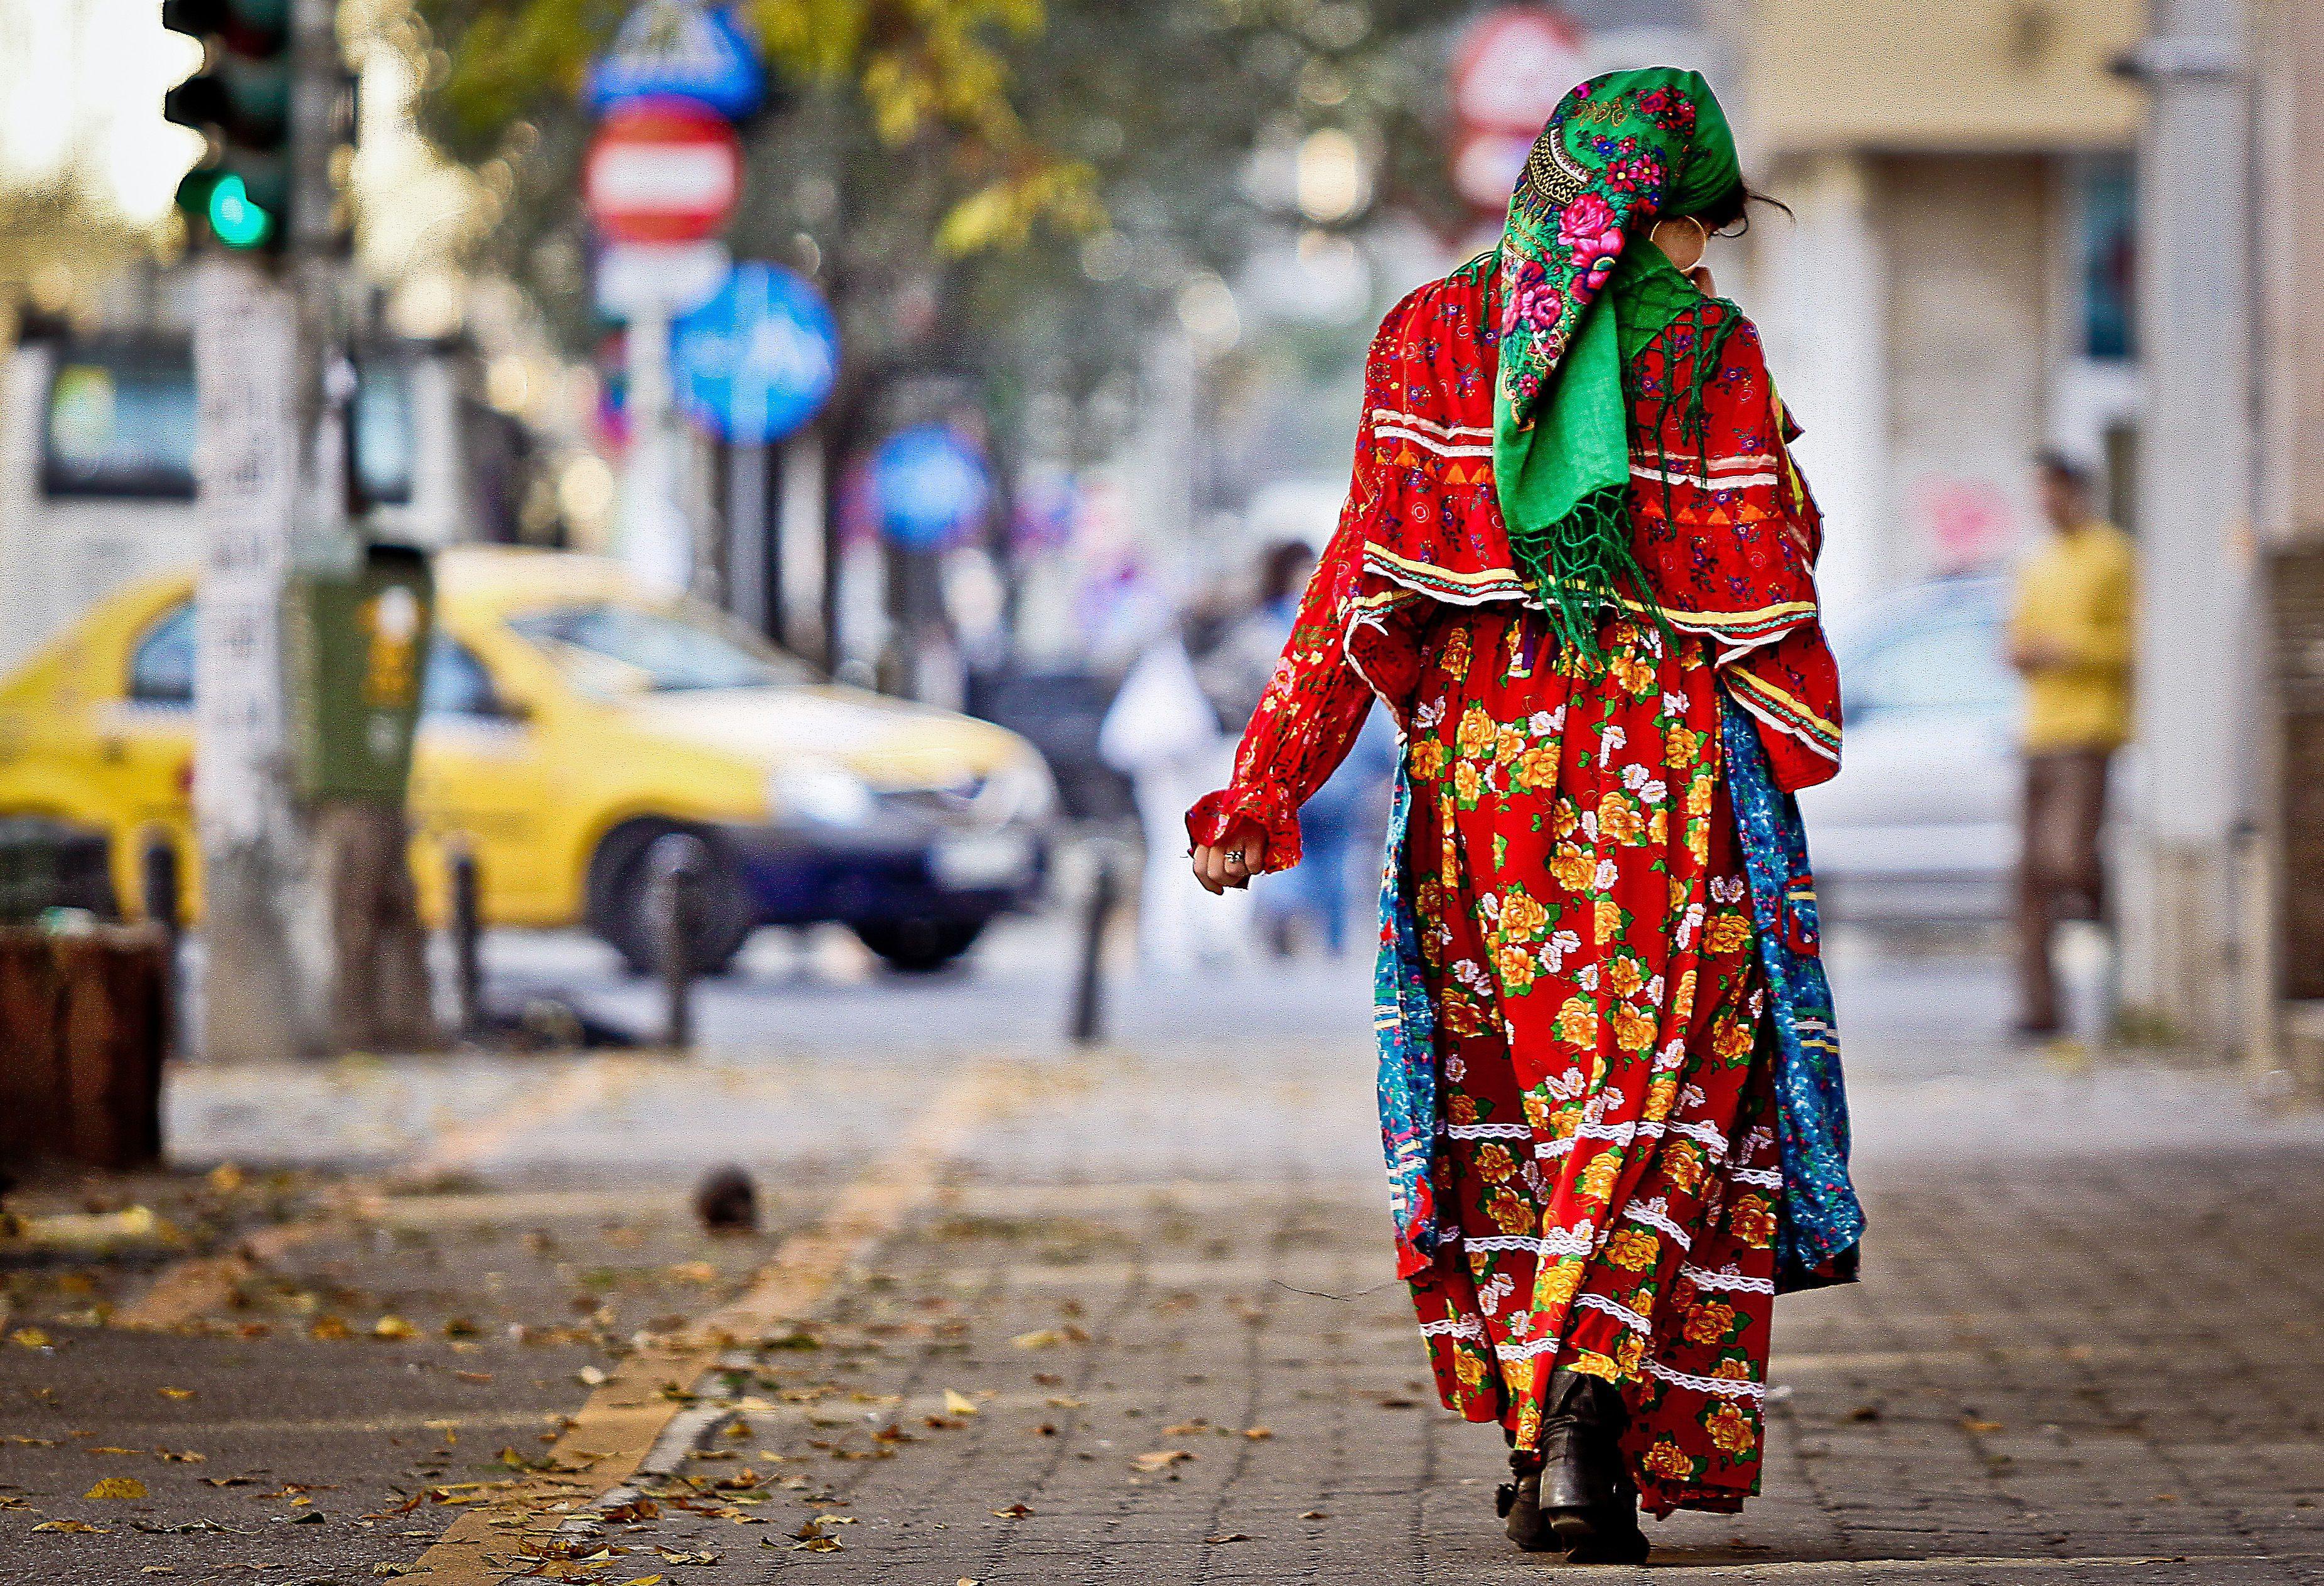 Economia socială și incluziunea romilor: situația actuală și perspective de dezvoltare